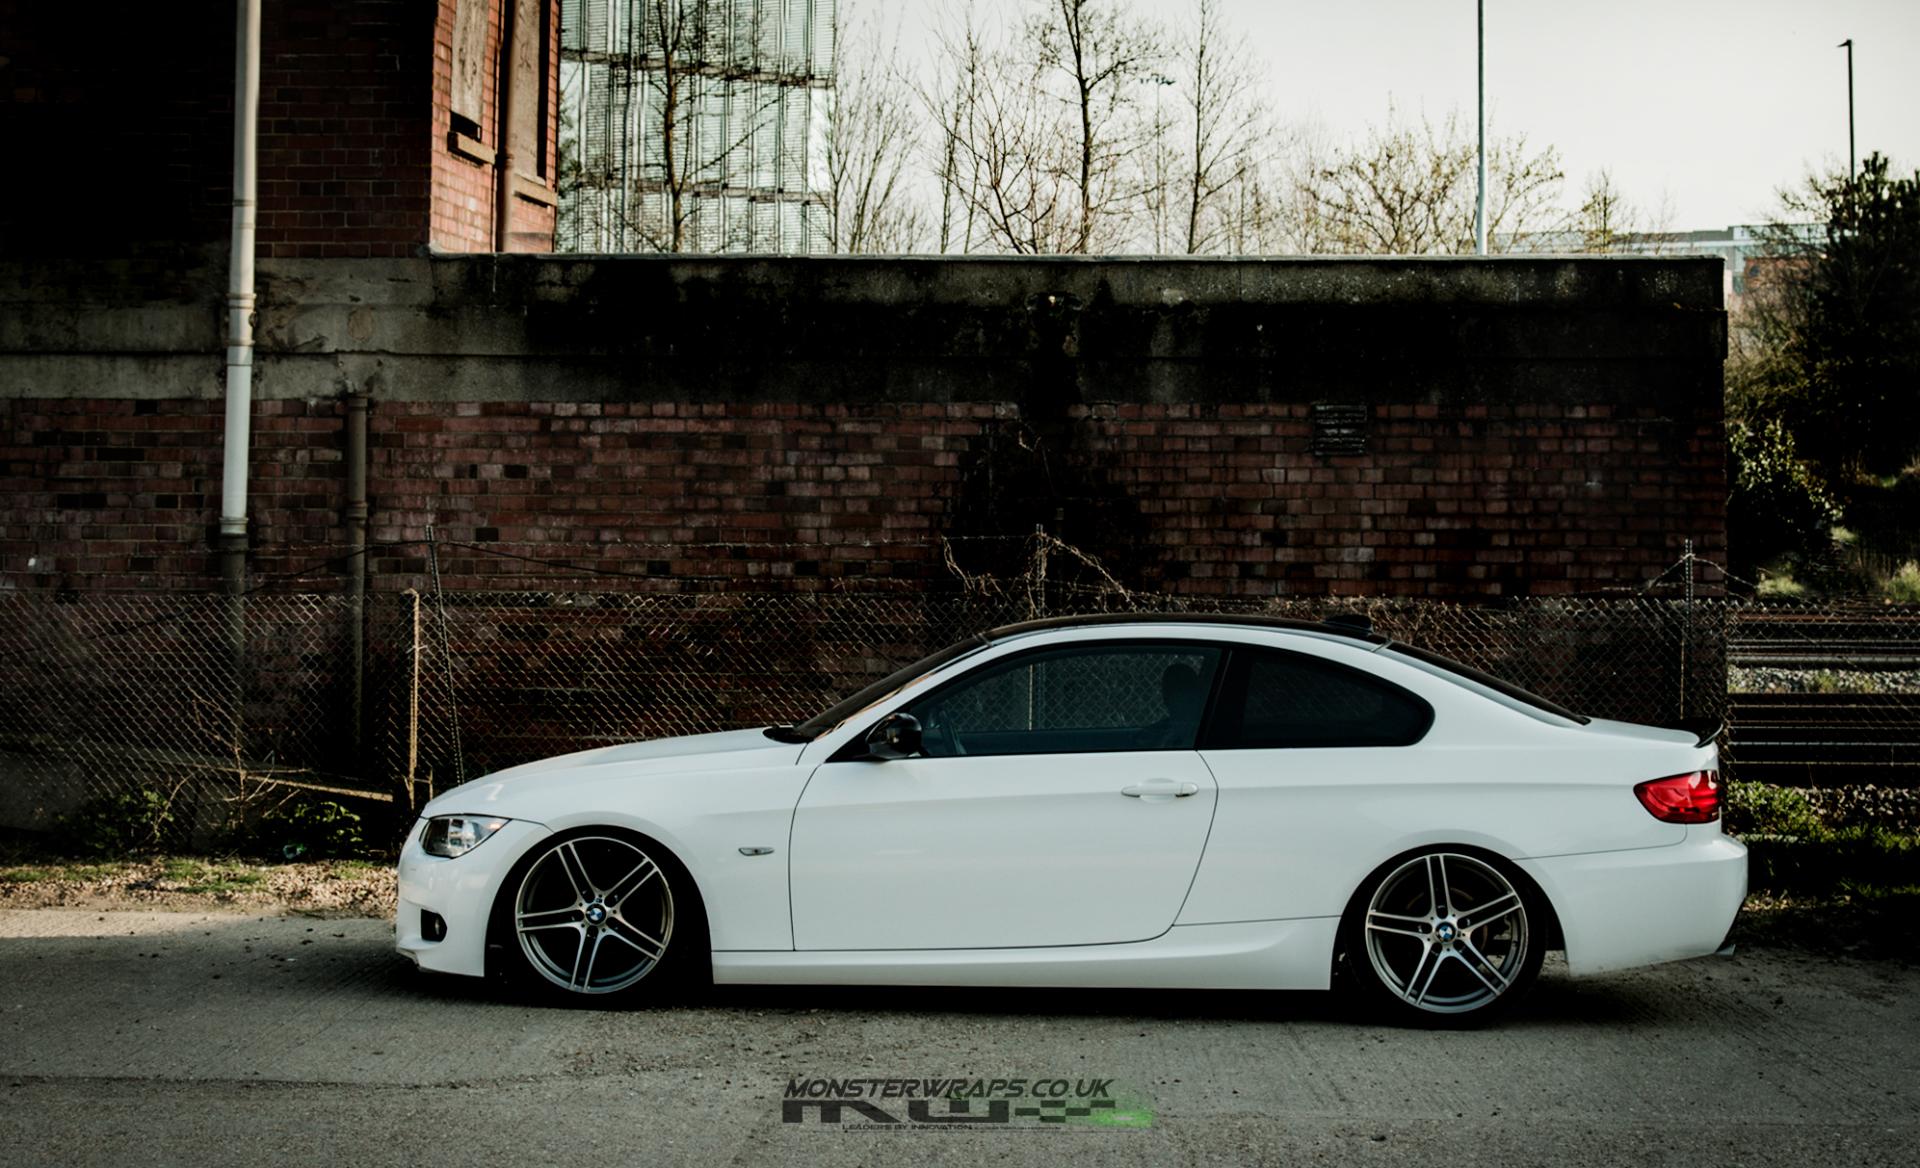 BMW 3 series E92 gloss white wrap 3M 1080 monsterwraps